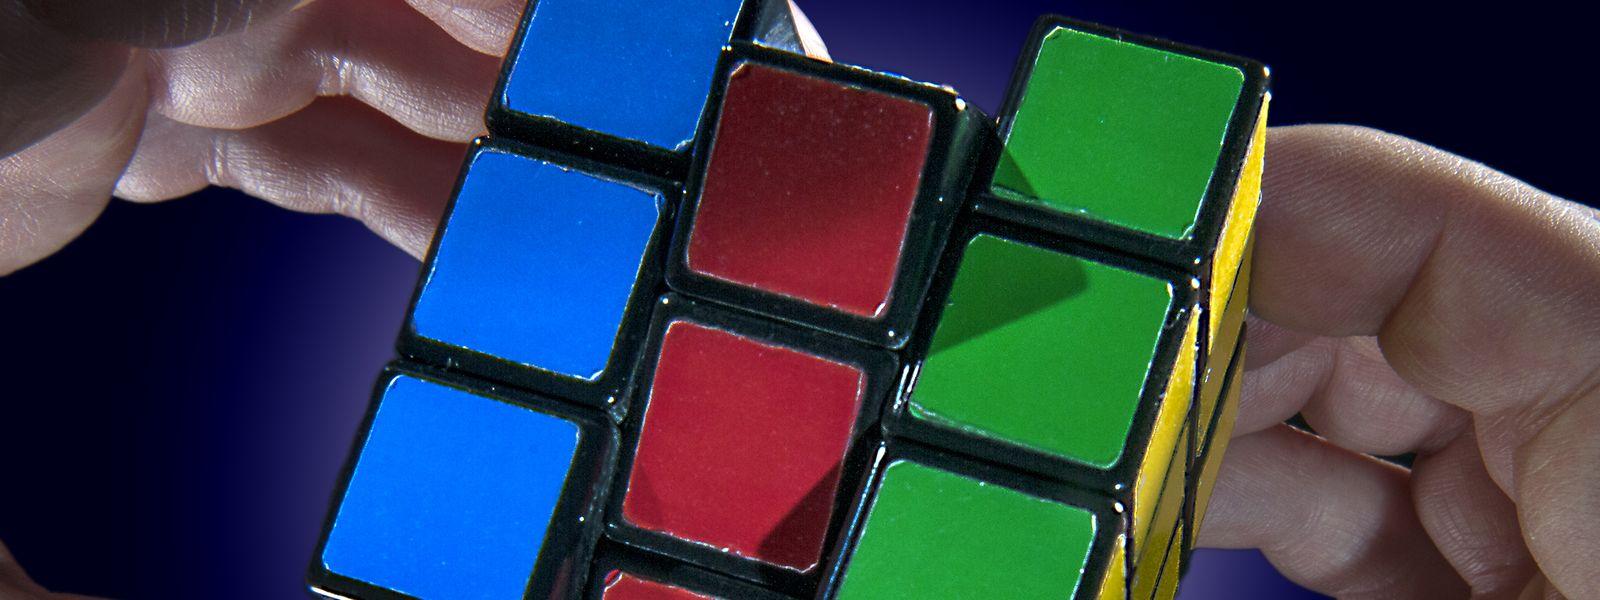 In der Klima- und Energiepolitik haben Blau, Rot und Grün noch nicht zueinander gefunden.